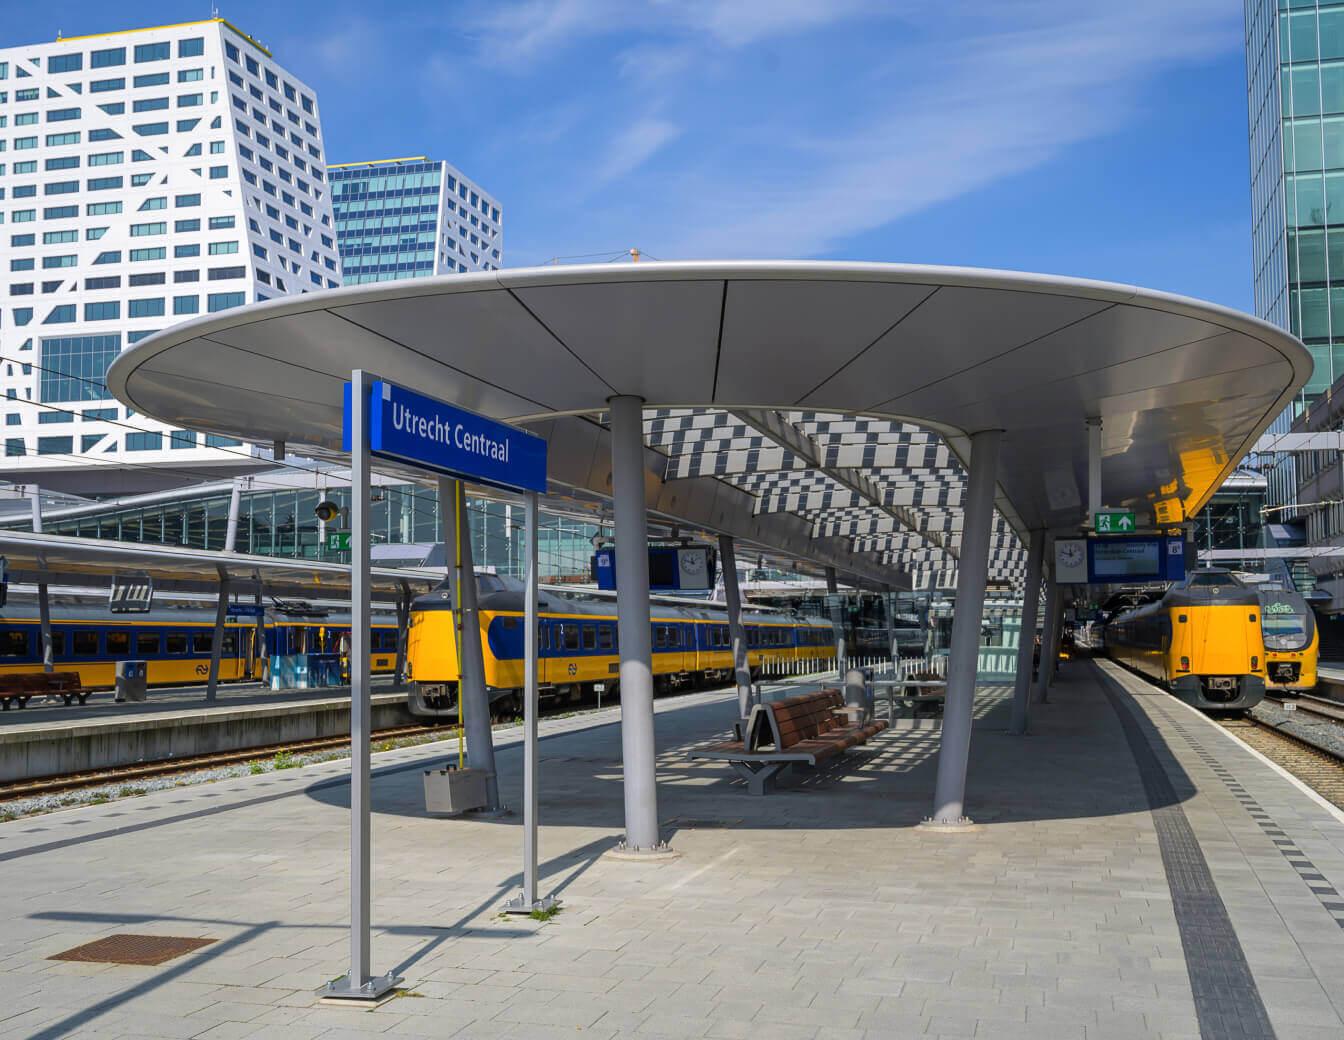 NS Nederlansche spoorwegen